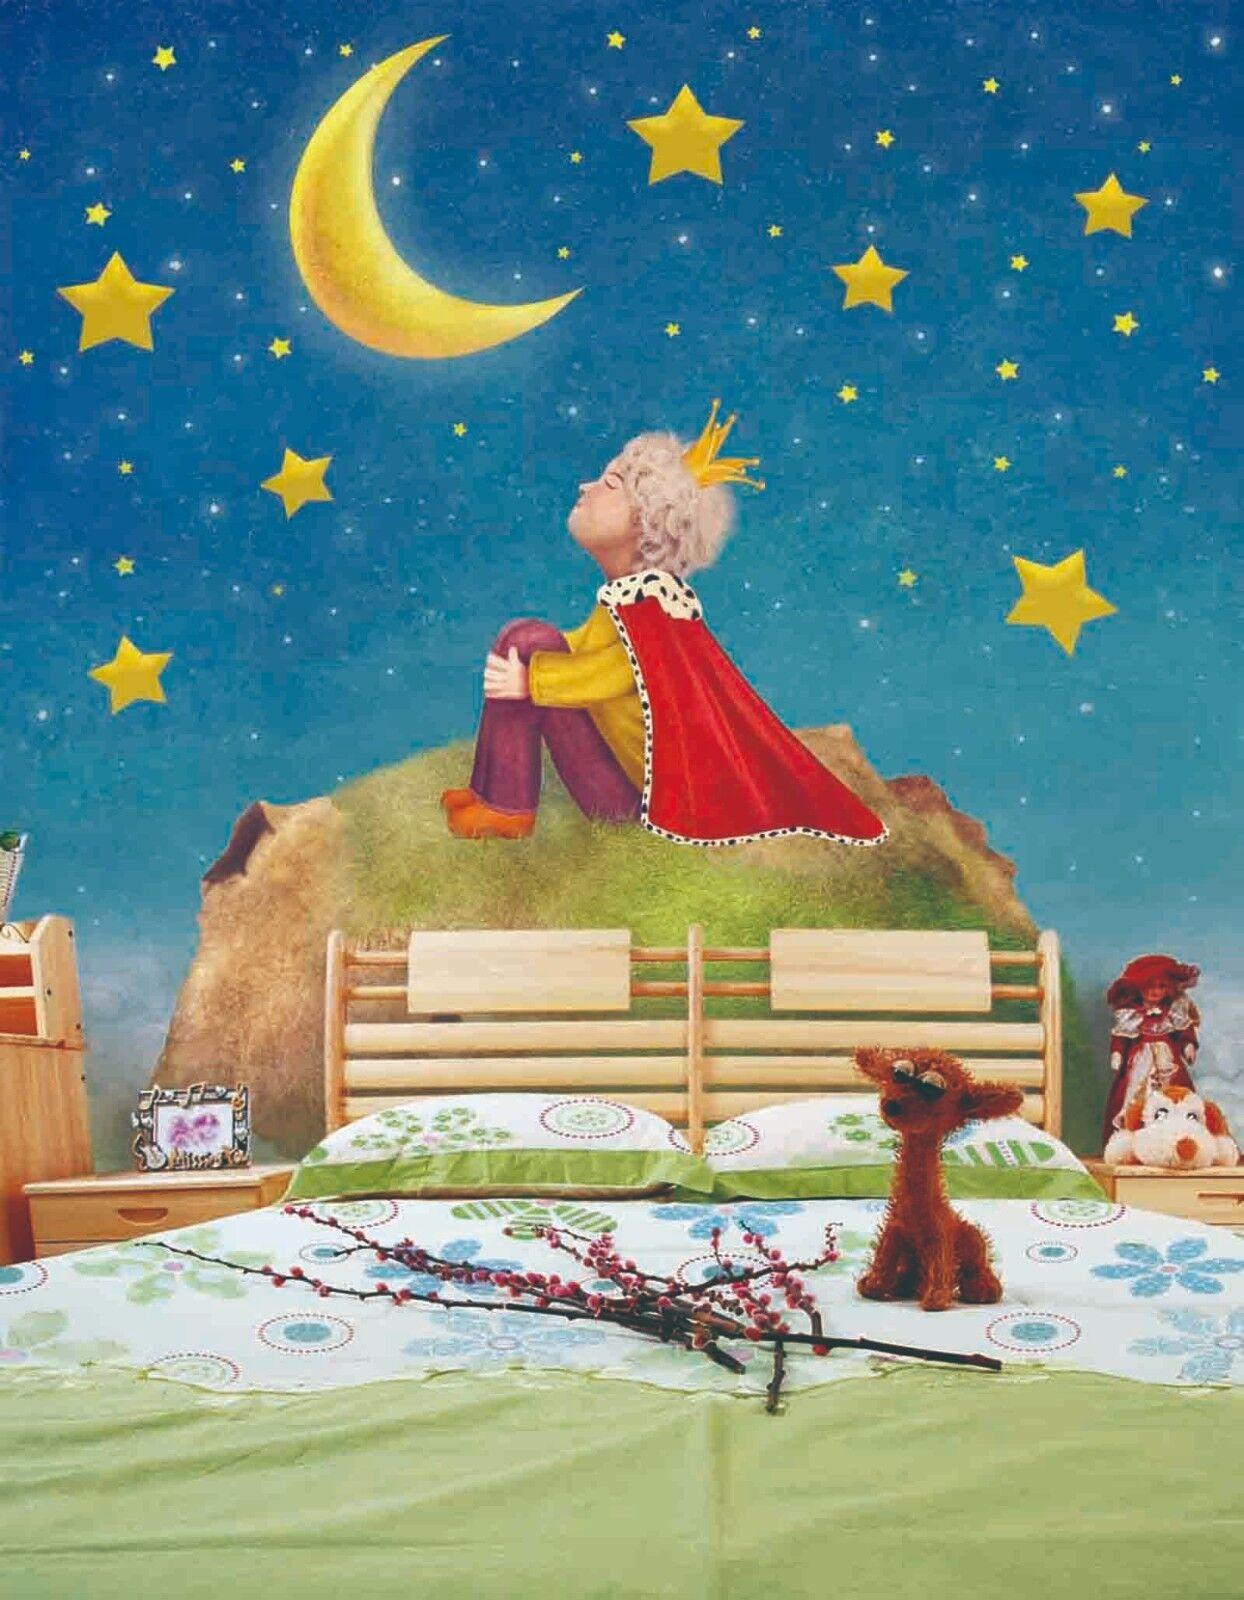 3D Prinz Mond Sterne 9083 Tapete Wandgemälde Tapeten Bild Familie DE Lemon | Deutschland Store  | Neu  | Großhandel